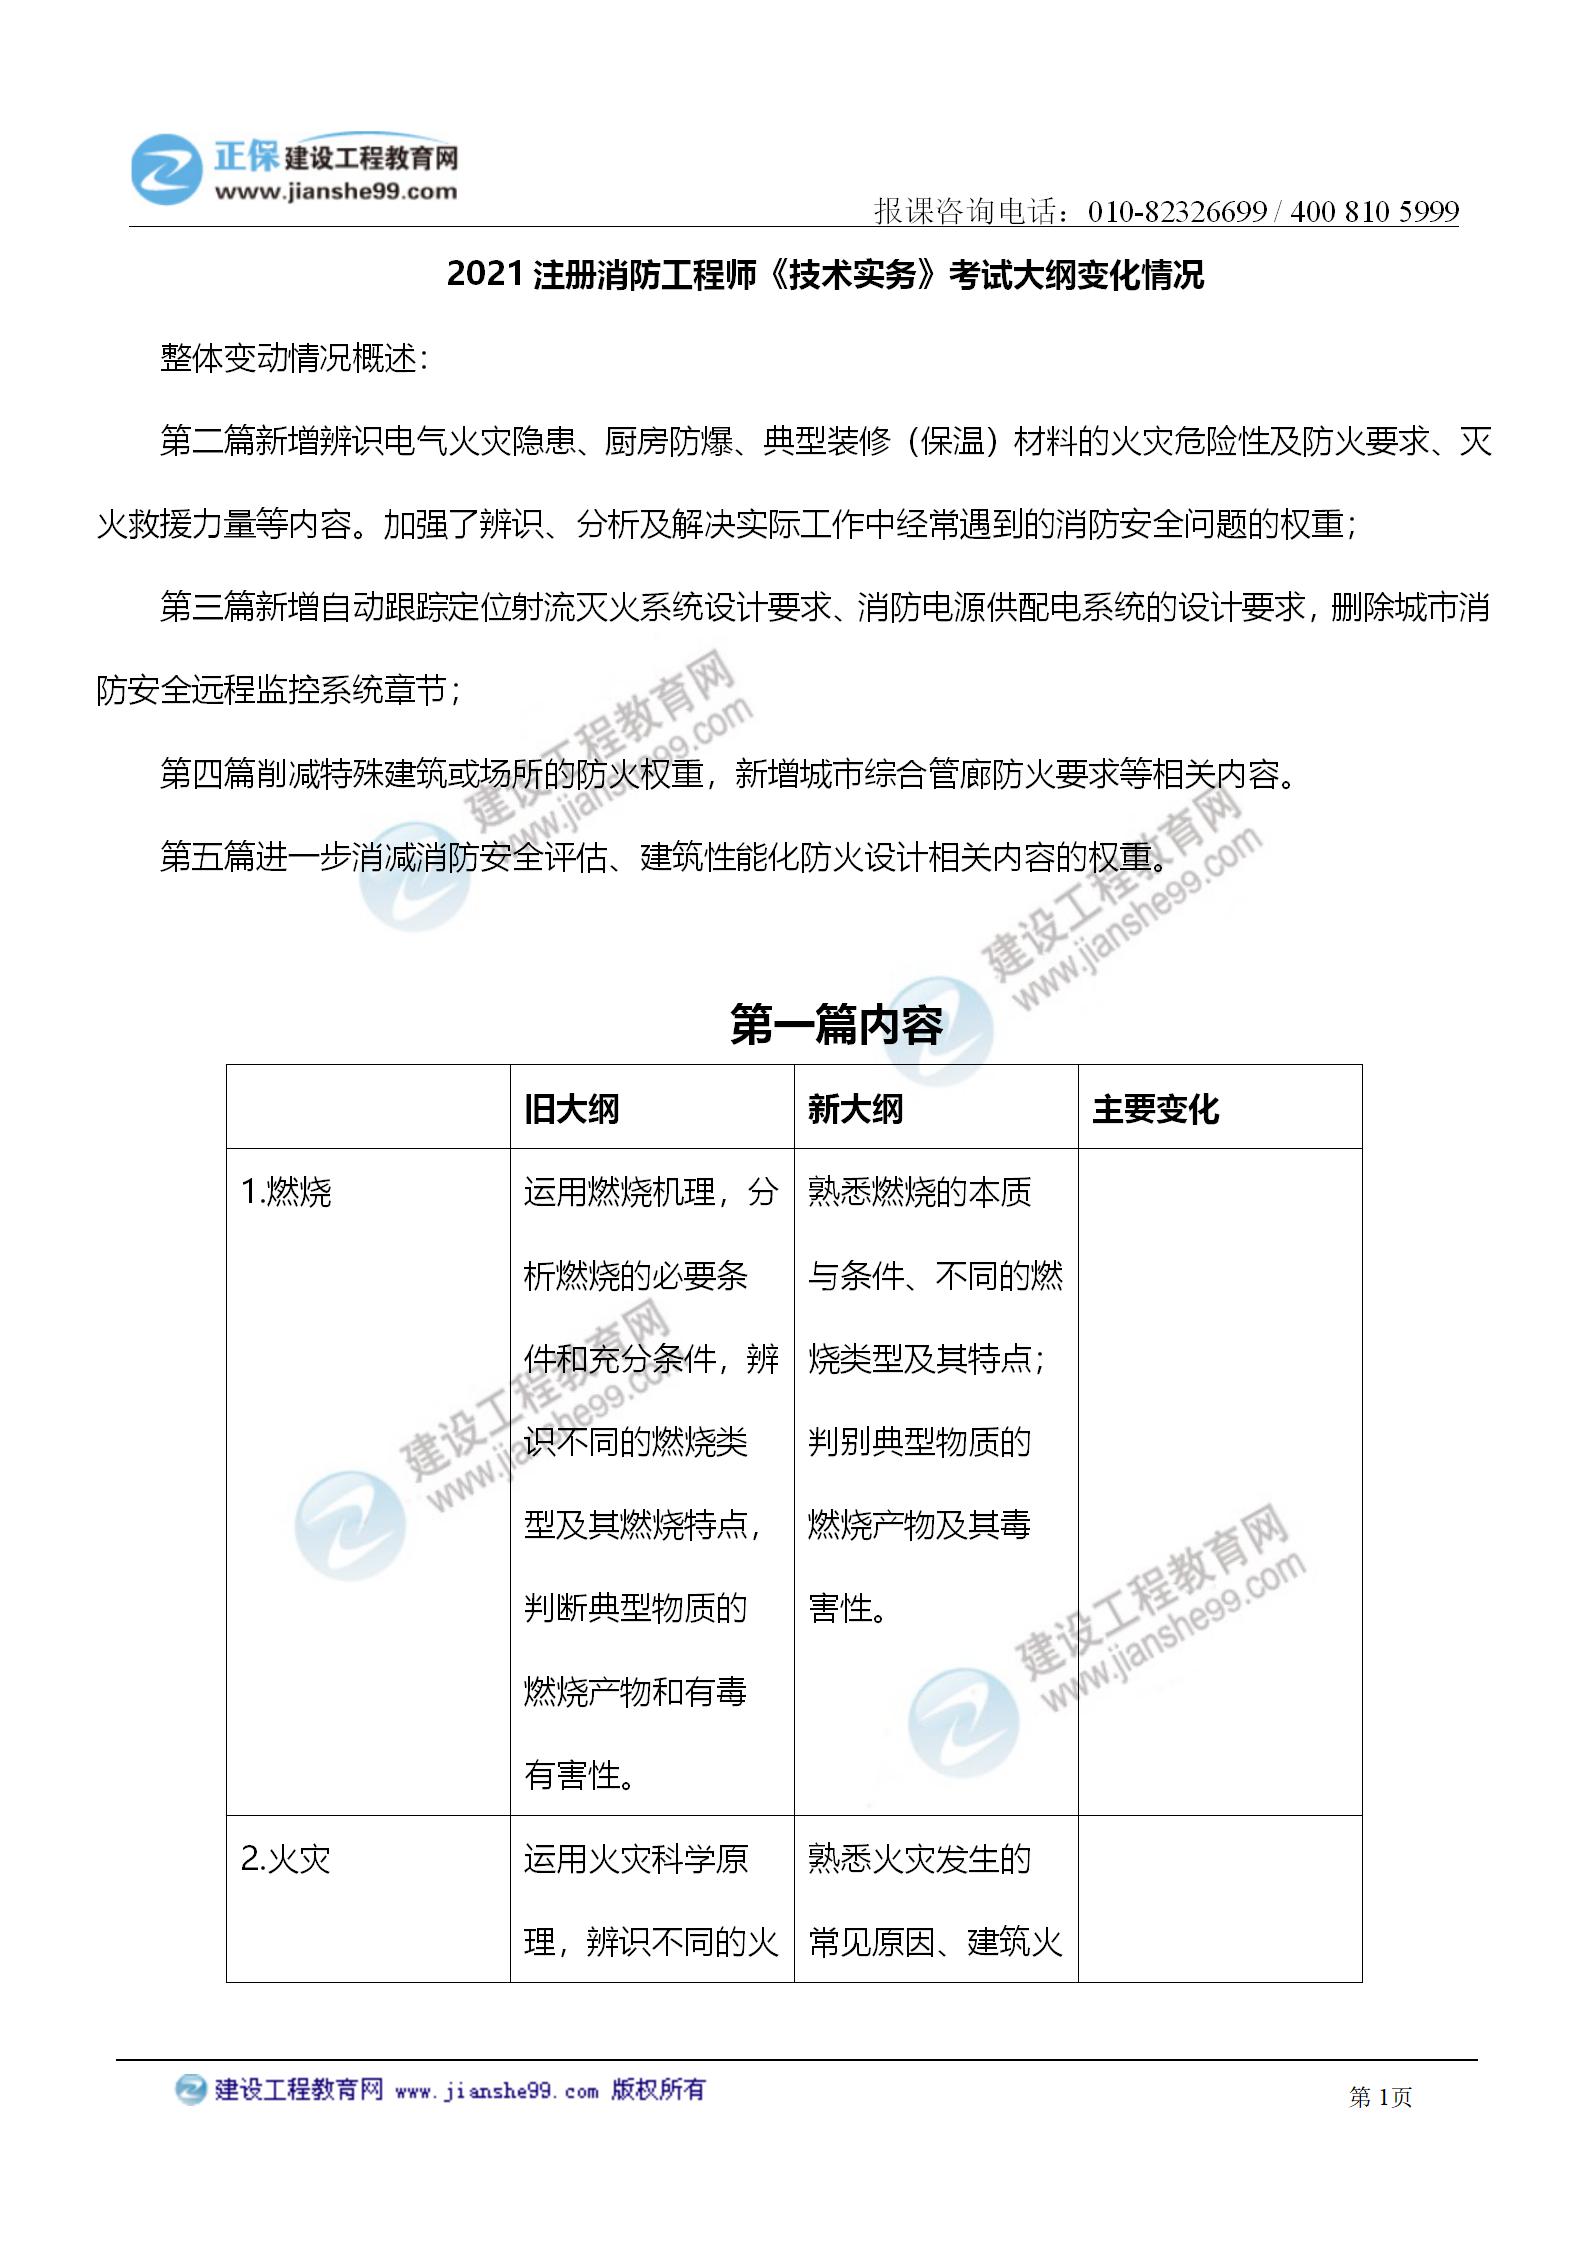 2021注册消防工程师《技术实务》考试大纲变化情况_01